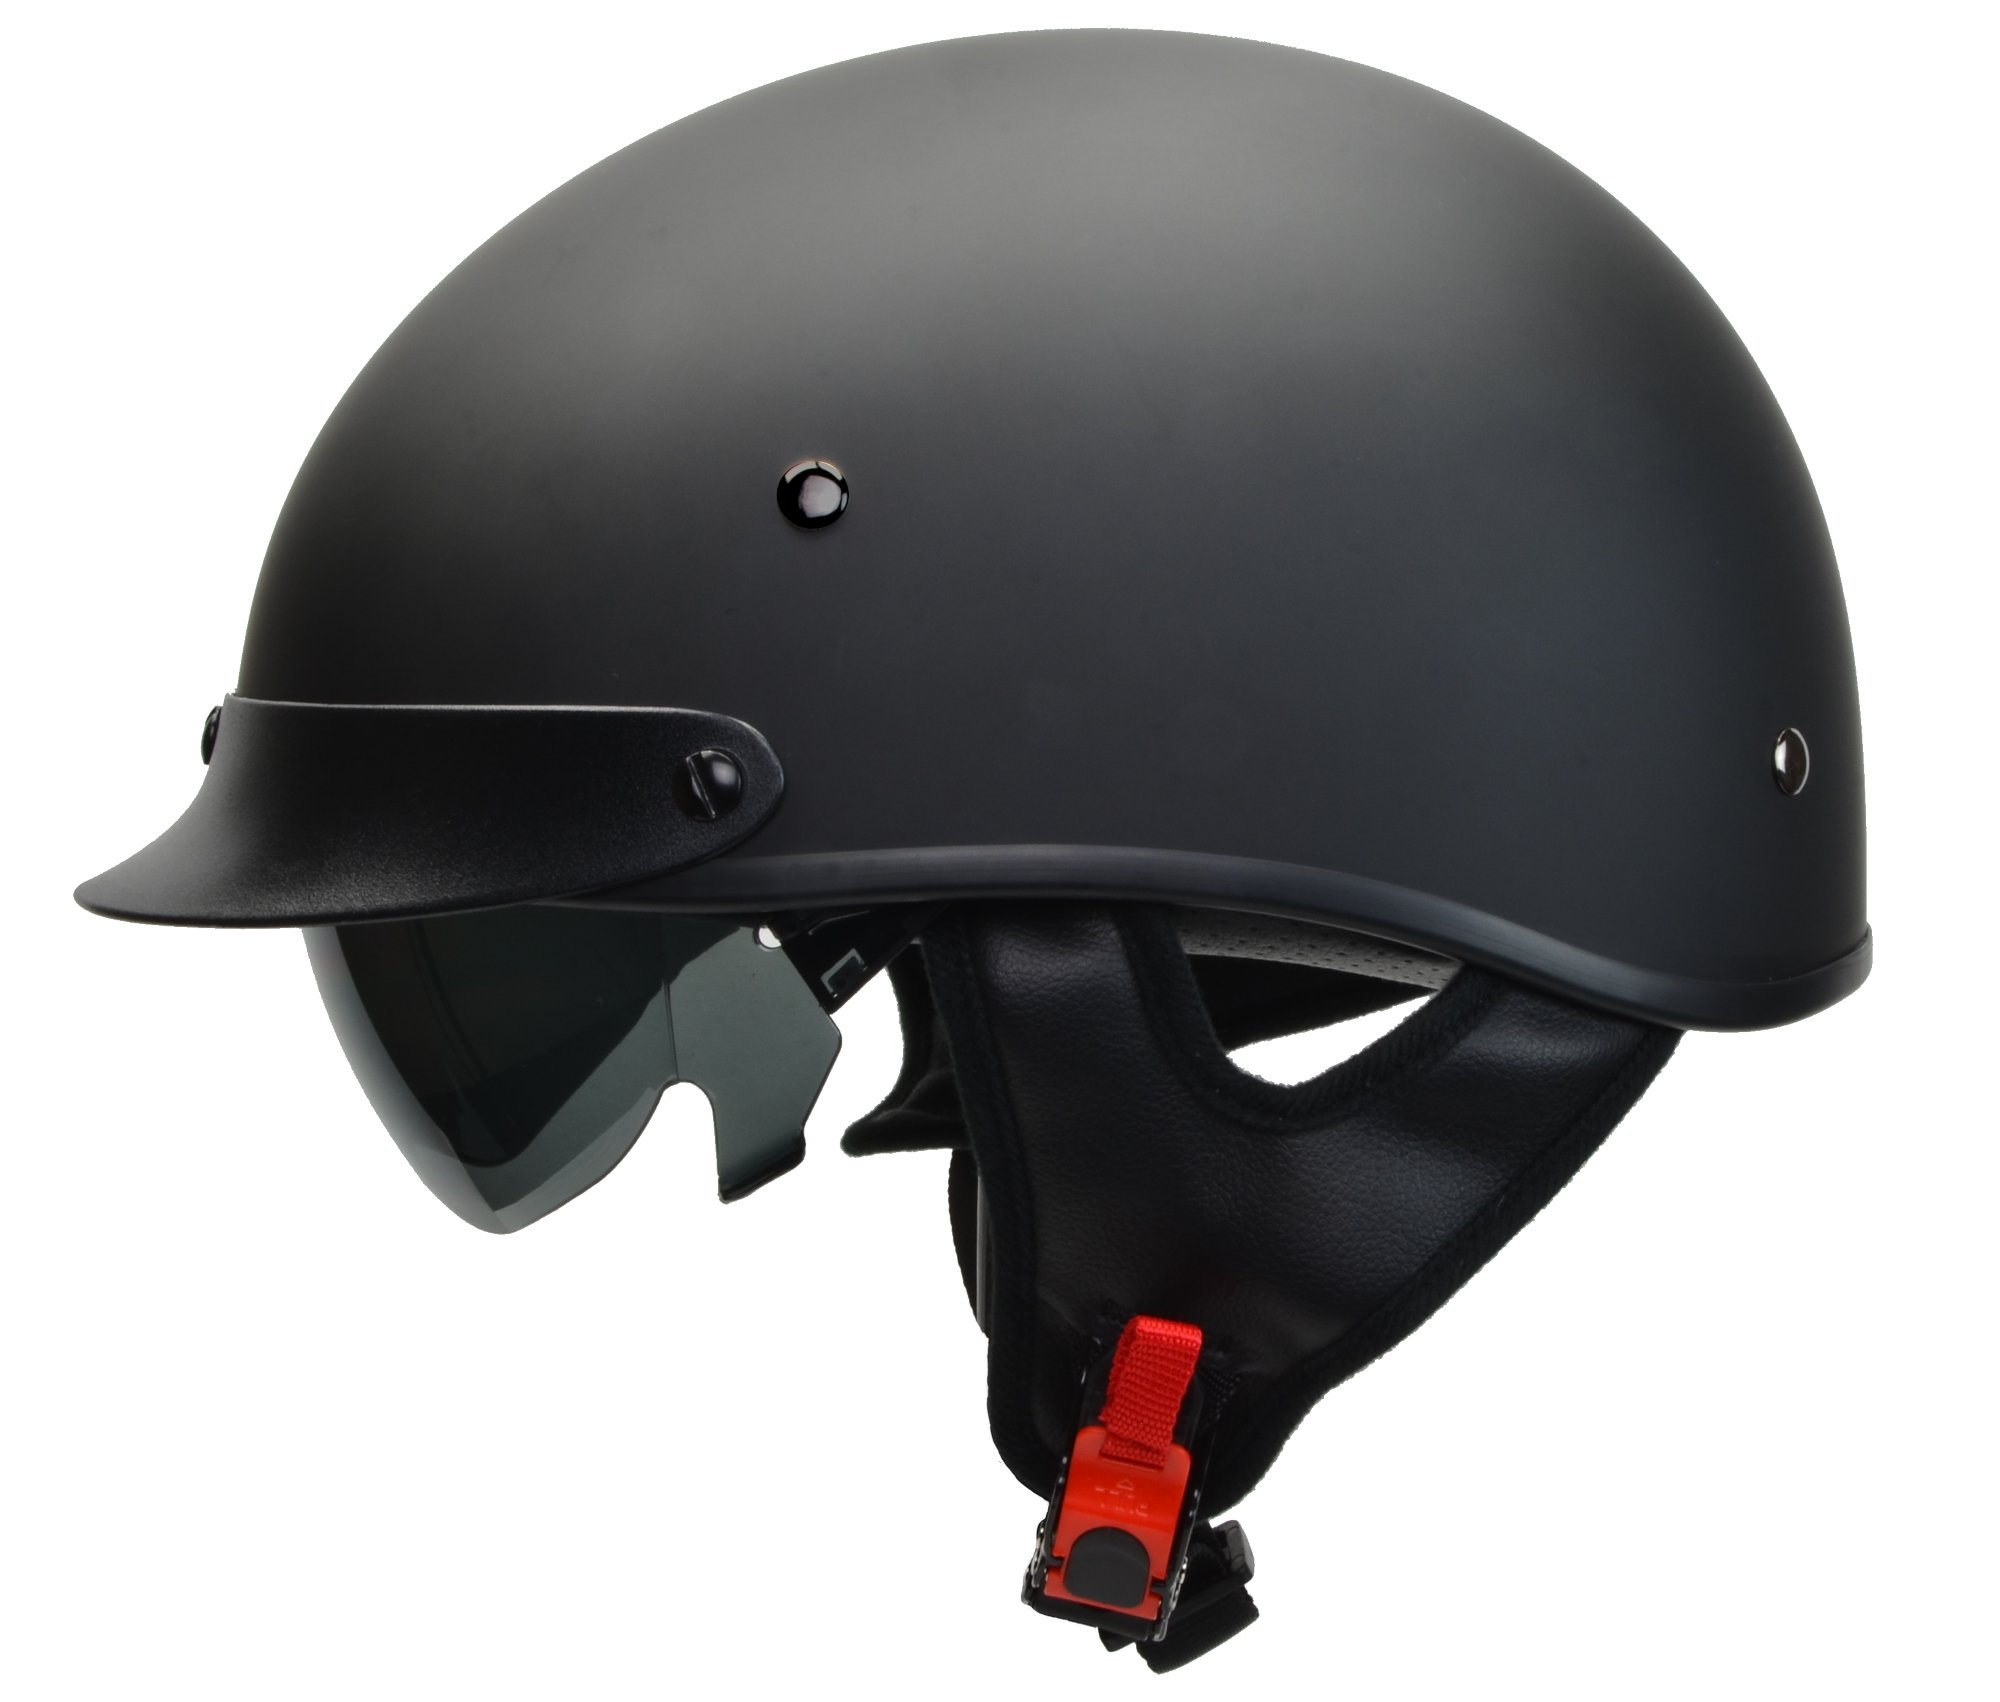 Vega Helmets Warrior Motorcycle Half Helmet with Sunshield for Men & Women, Adjustable Size Dial DOT Half Face Skull Cap for Bike Cruiser Chopper Moped Scooter ATV (Large, Matte Black)